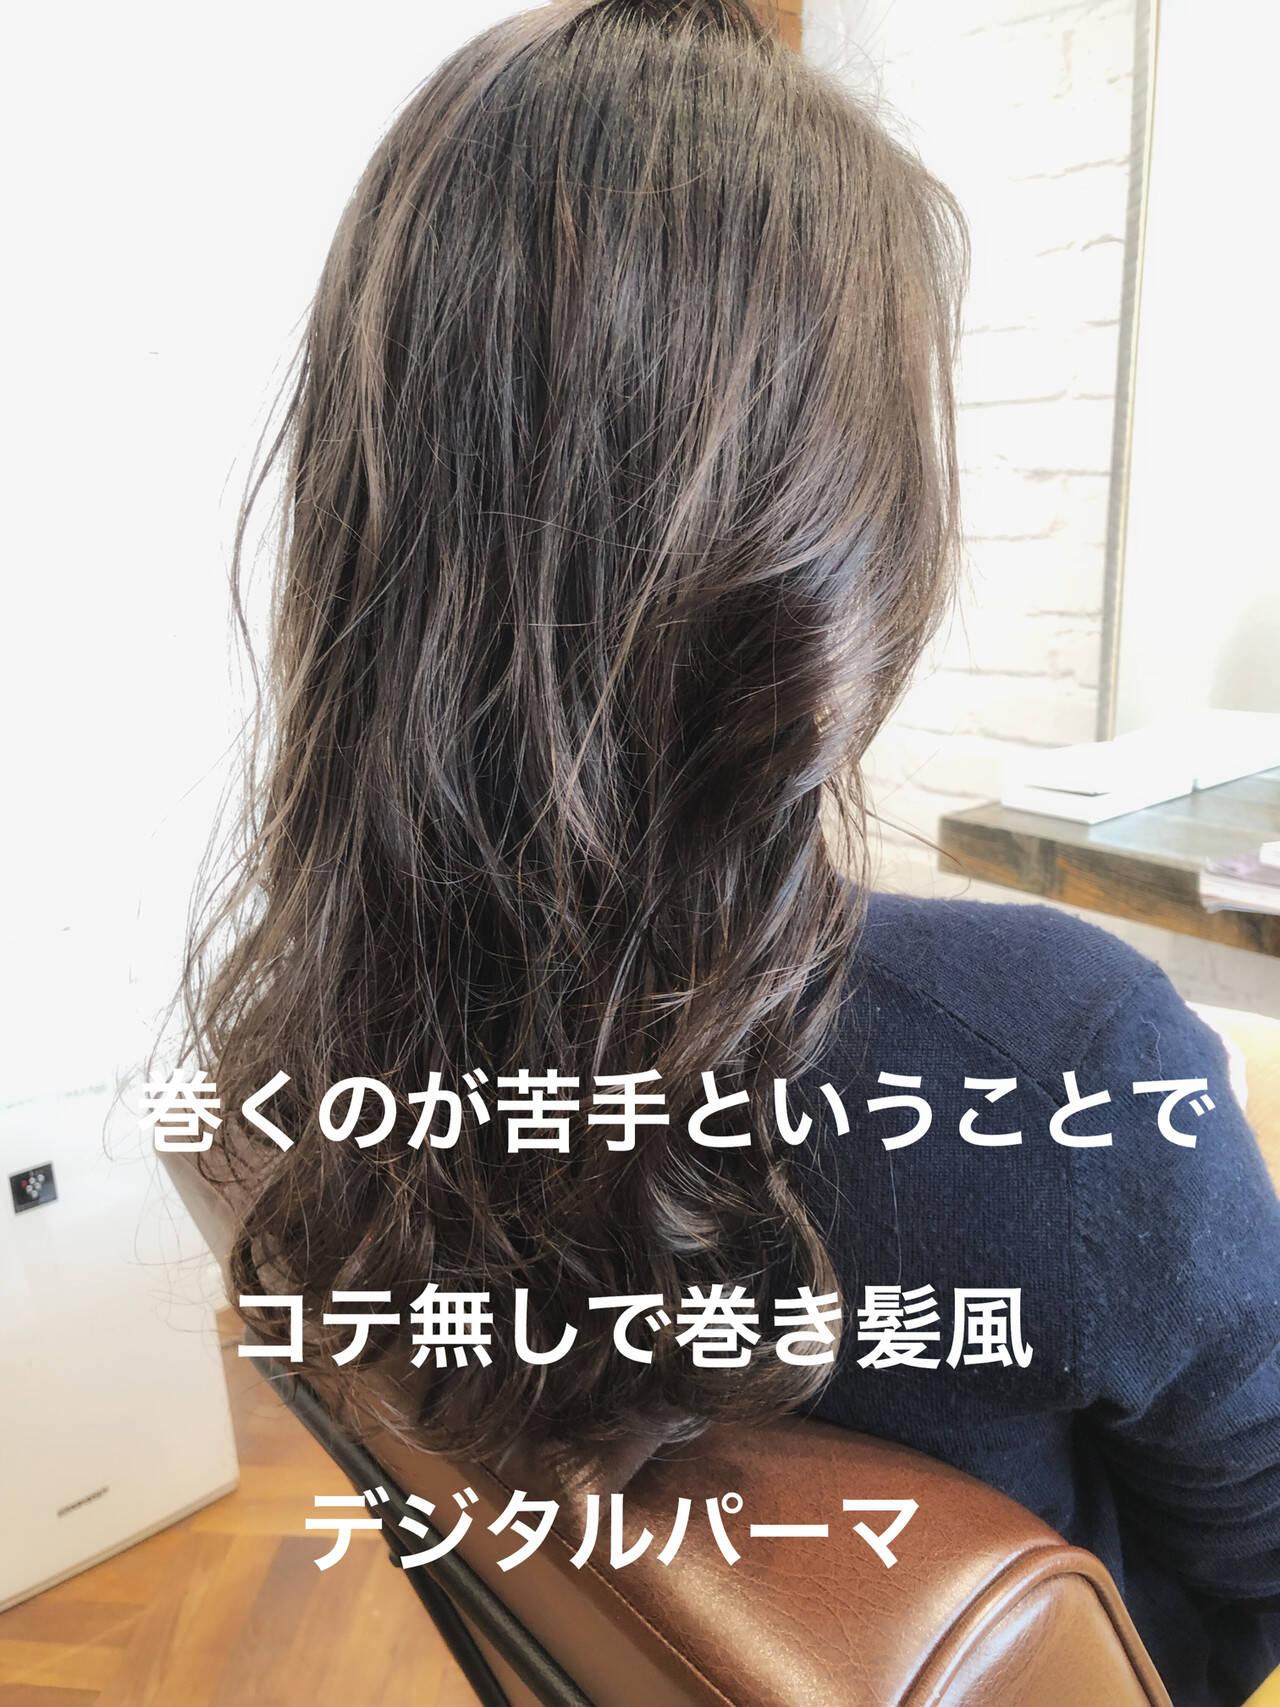 ゆるふわ ロング デジタルパーマ パーマヘアスタイルや髪型の写真・画像